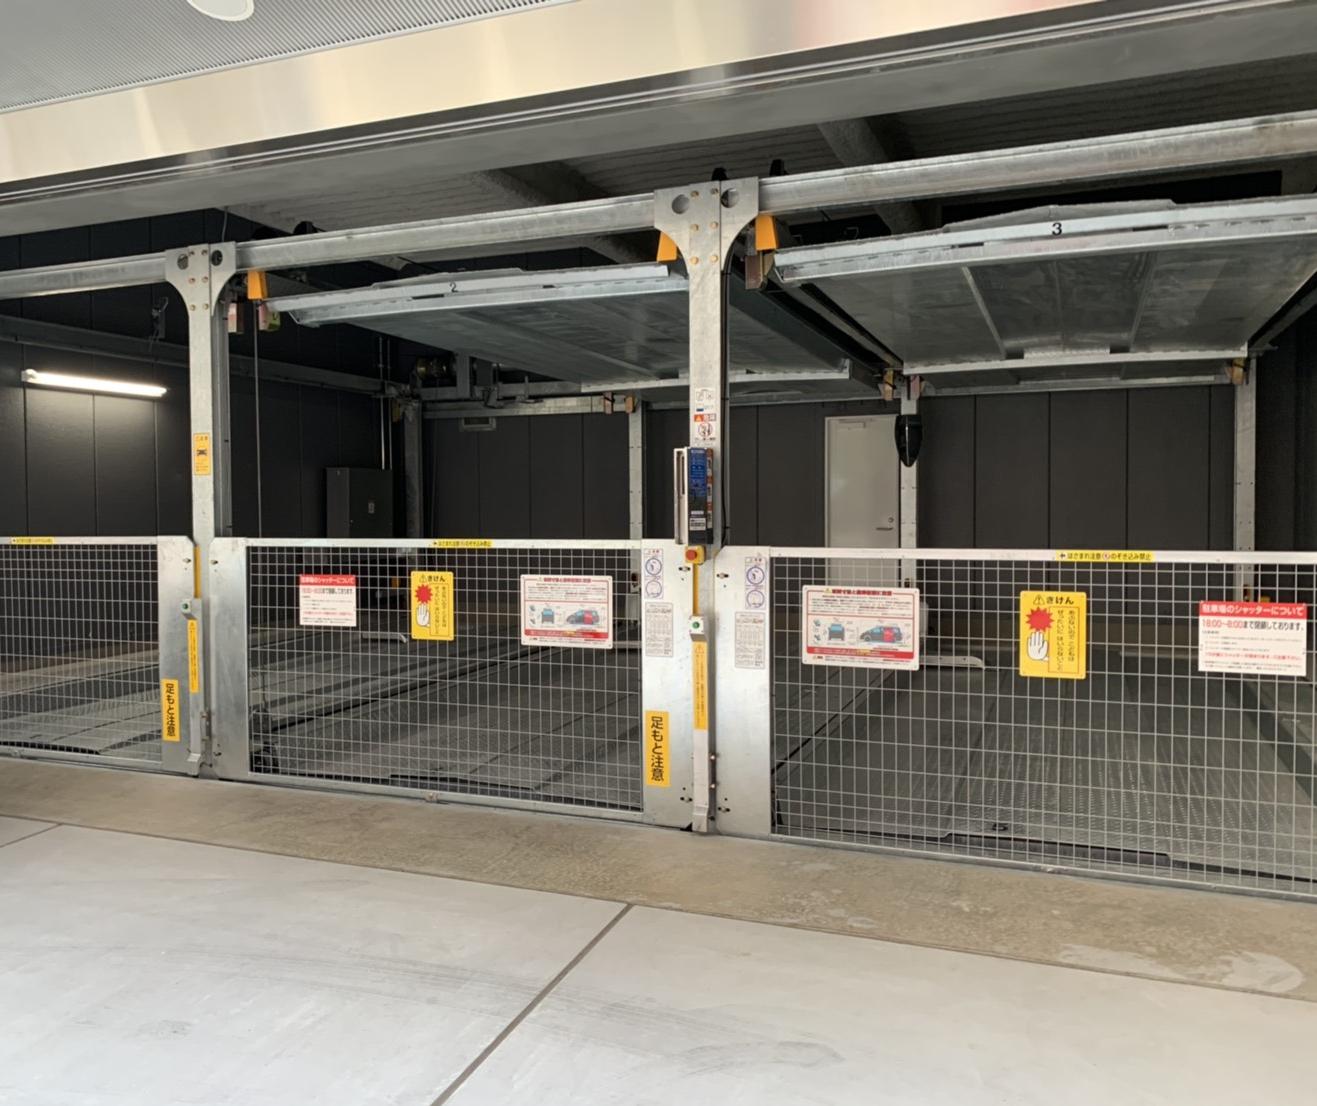 2019年8月度 12件の立体駐車場メンテナンス新規受託を頂きました!